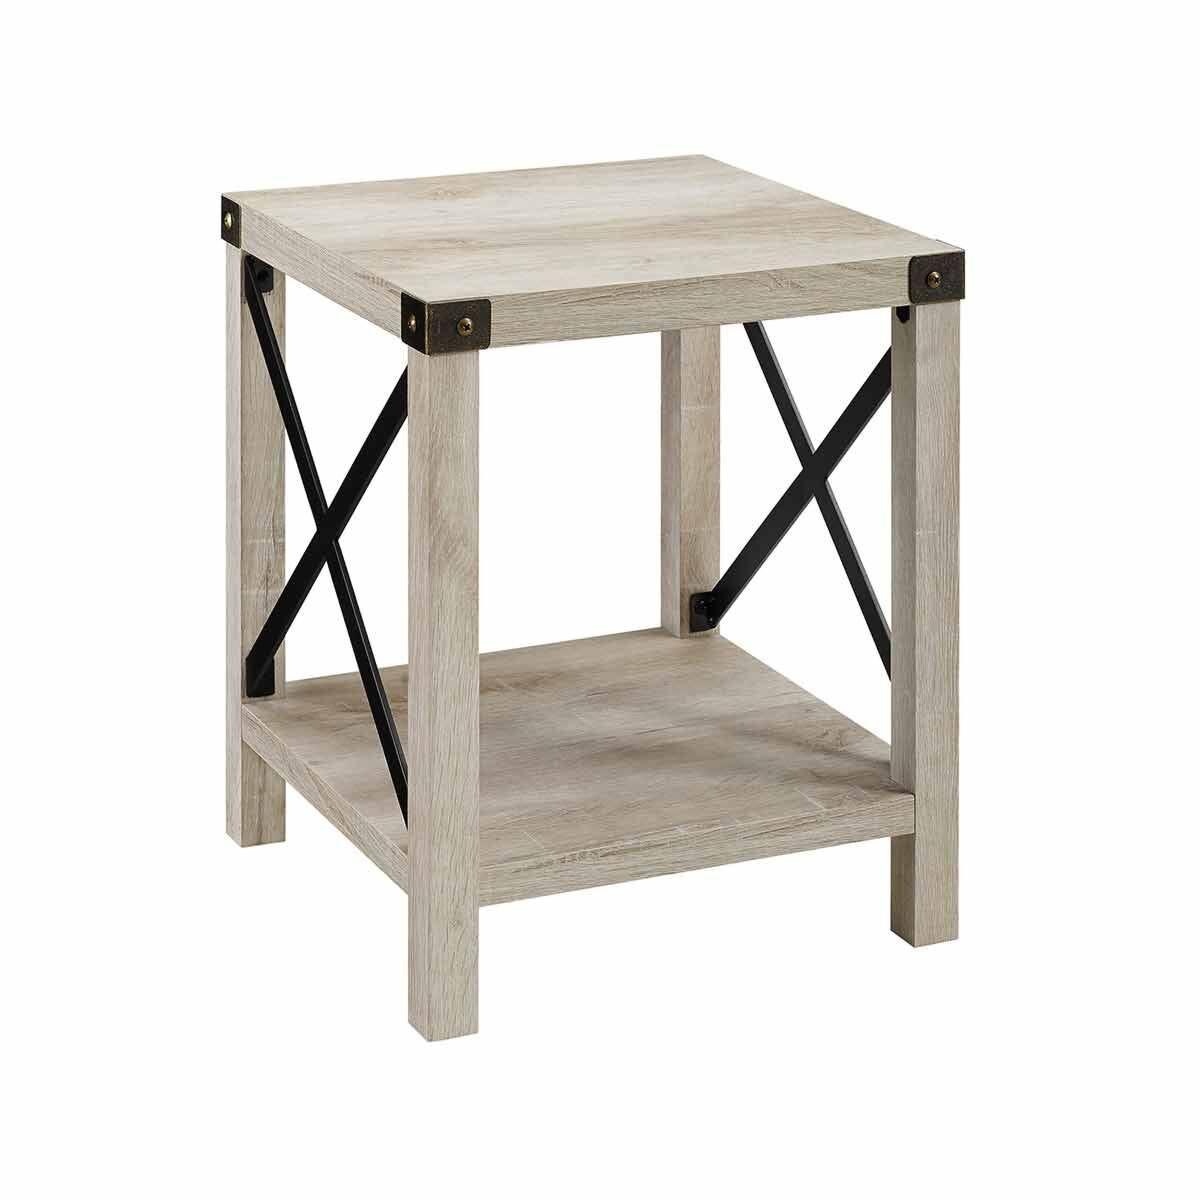 Tulsa Rustic Wood Side Table Light Oak